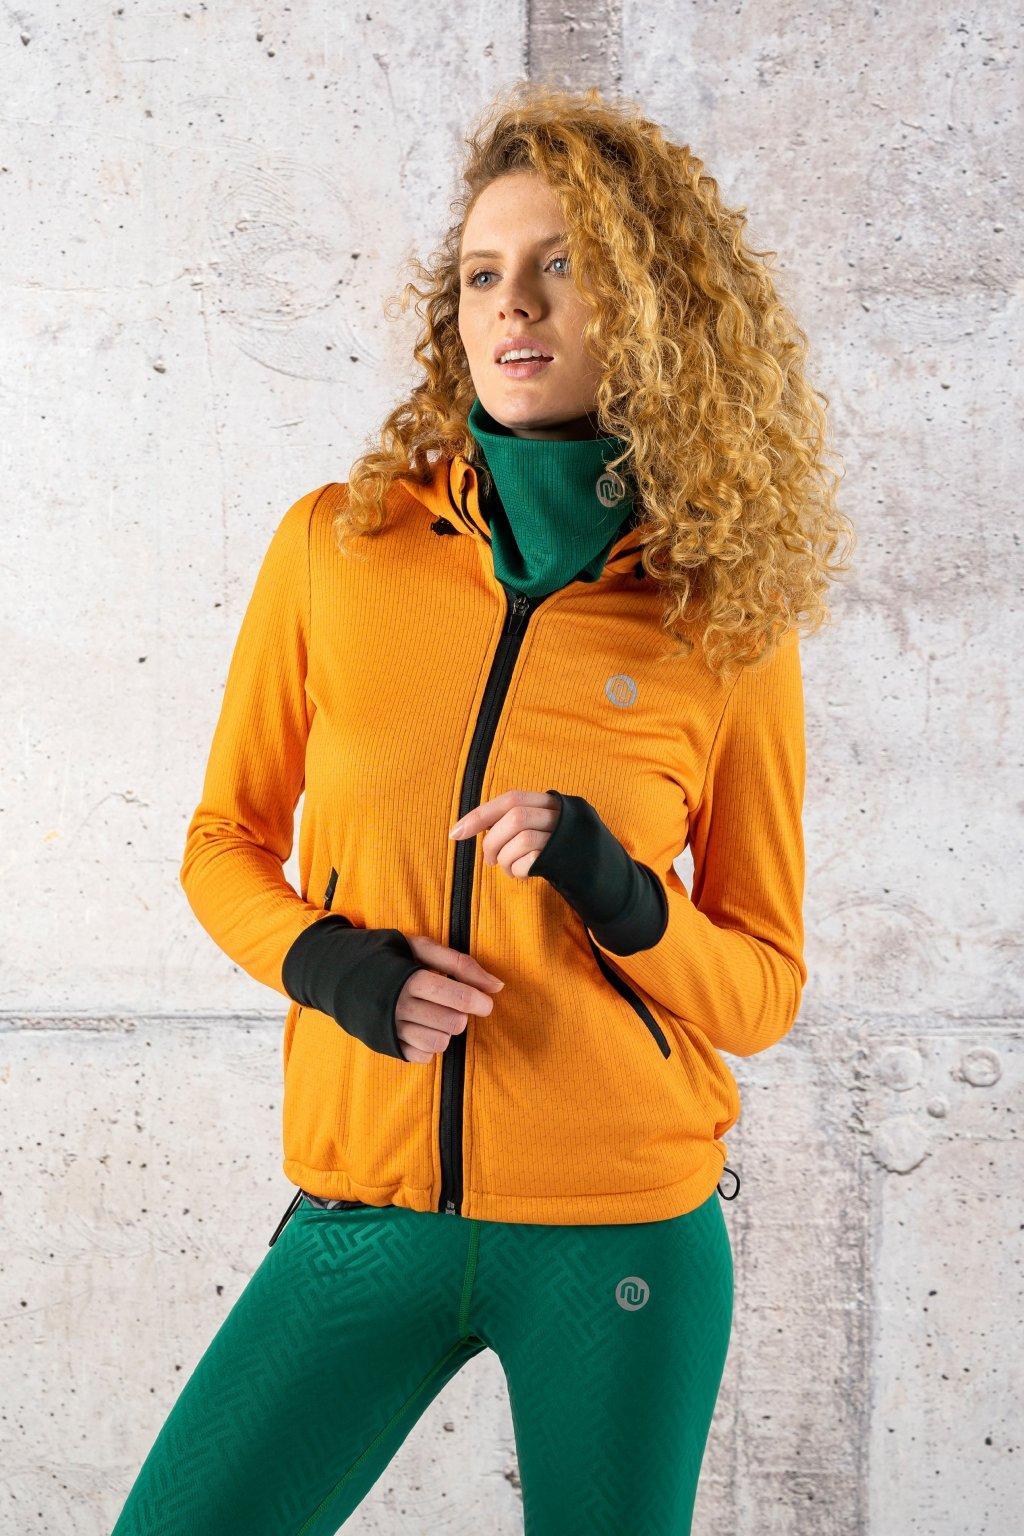 běžecká bunda orange mirage hrdk 11X3 1